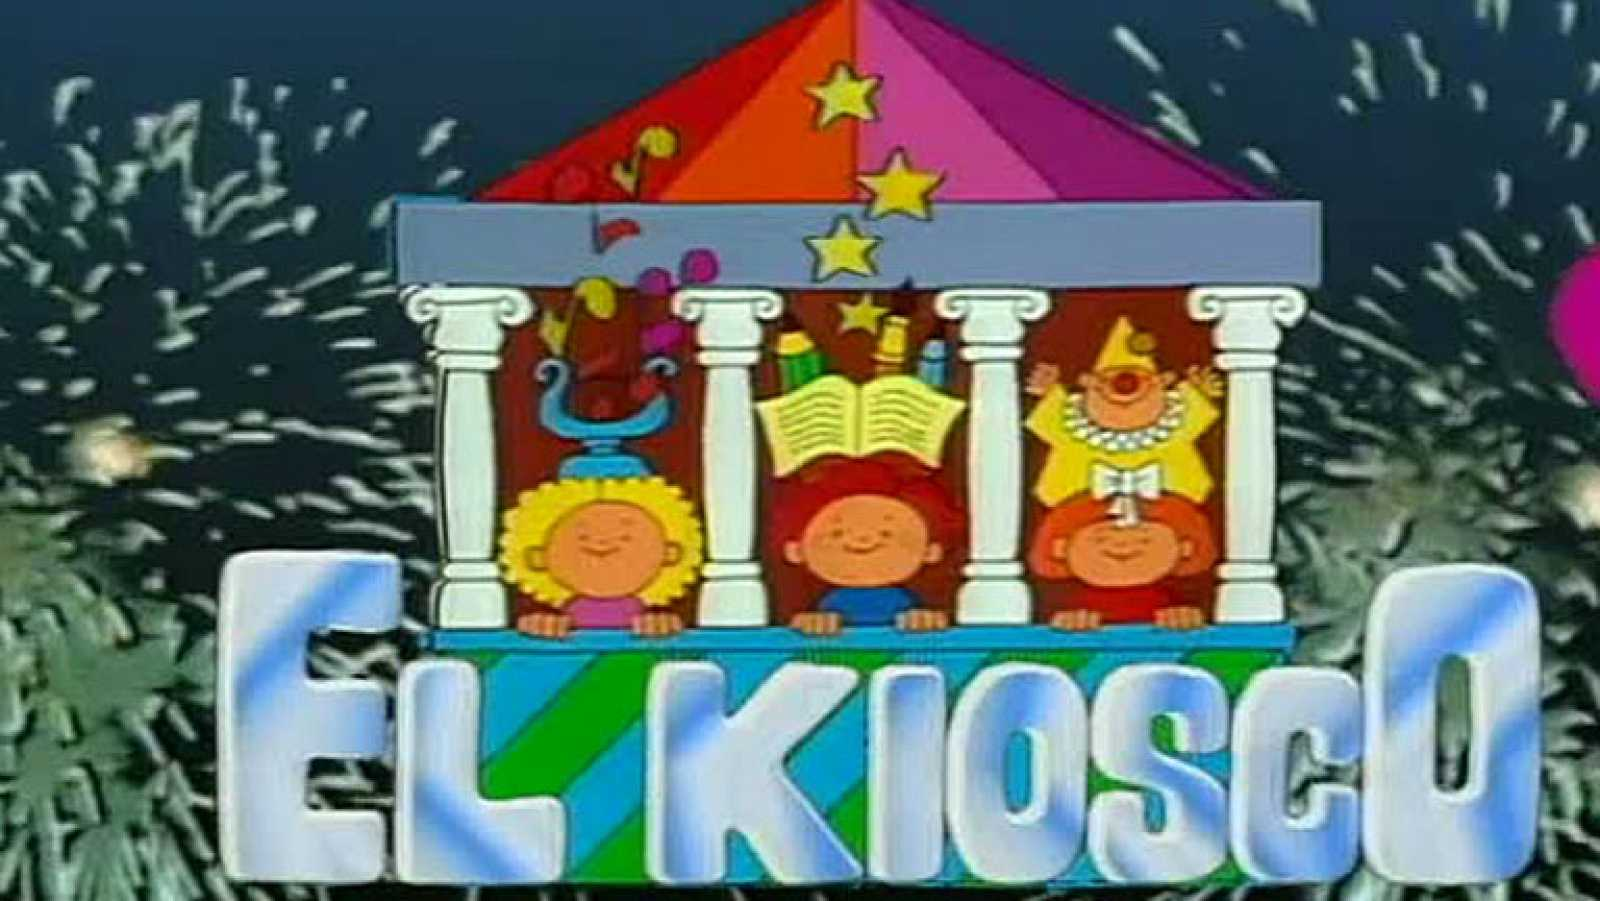 Una edición de 'El kiosco' (1984)